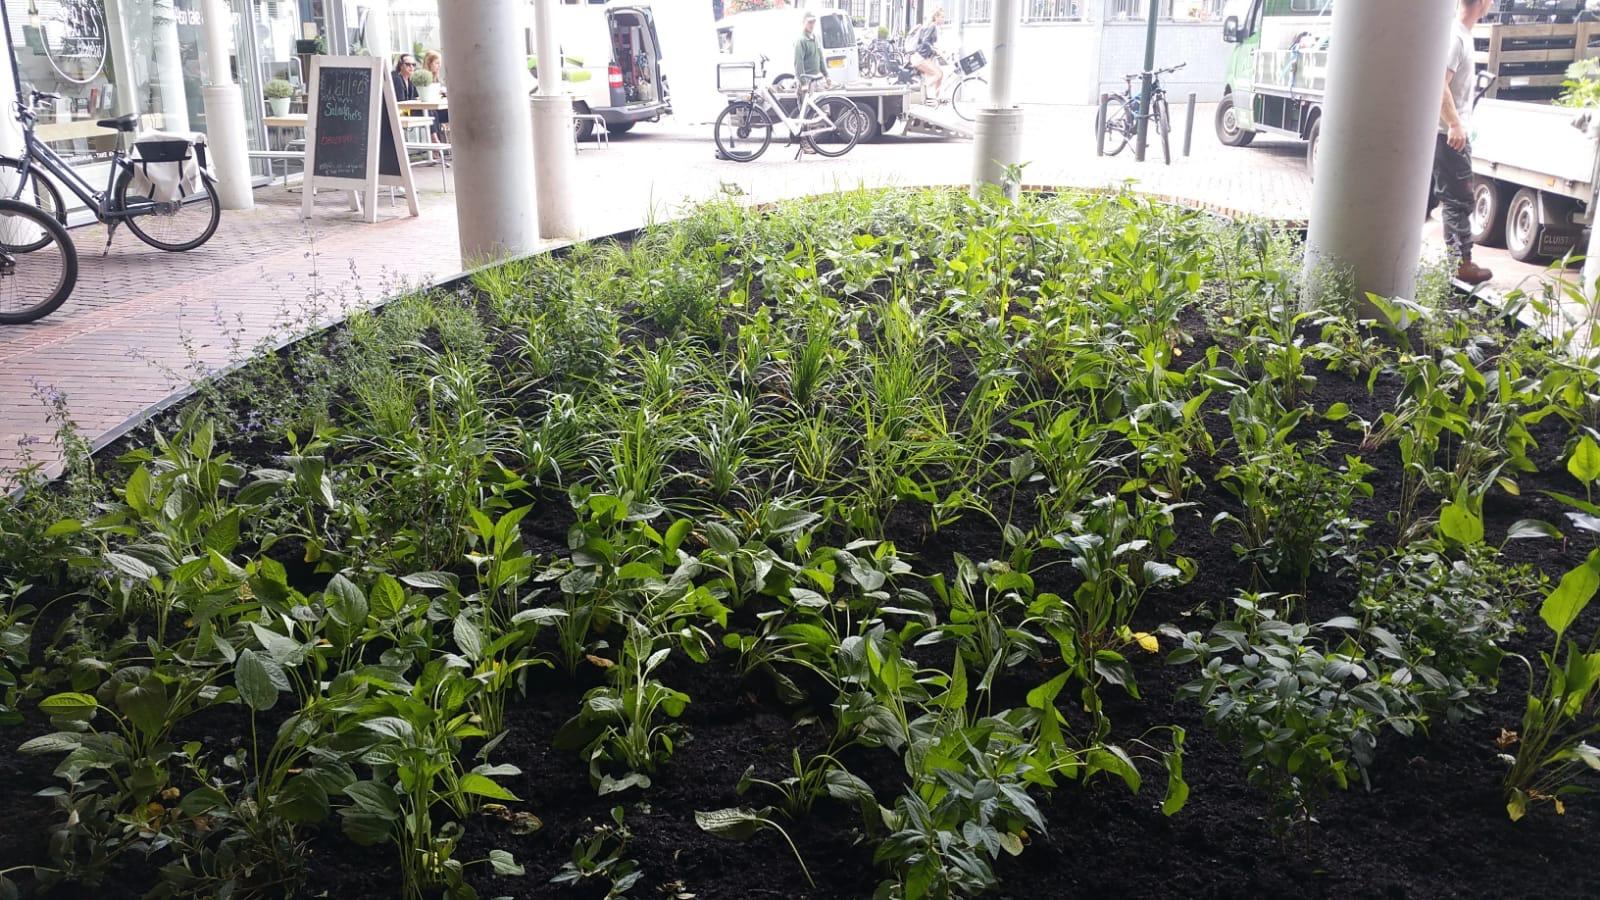 Hoefakker buitenruimte beplantingsplan cortenstalen bak Hilversum (1)